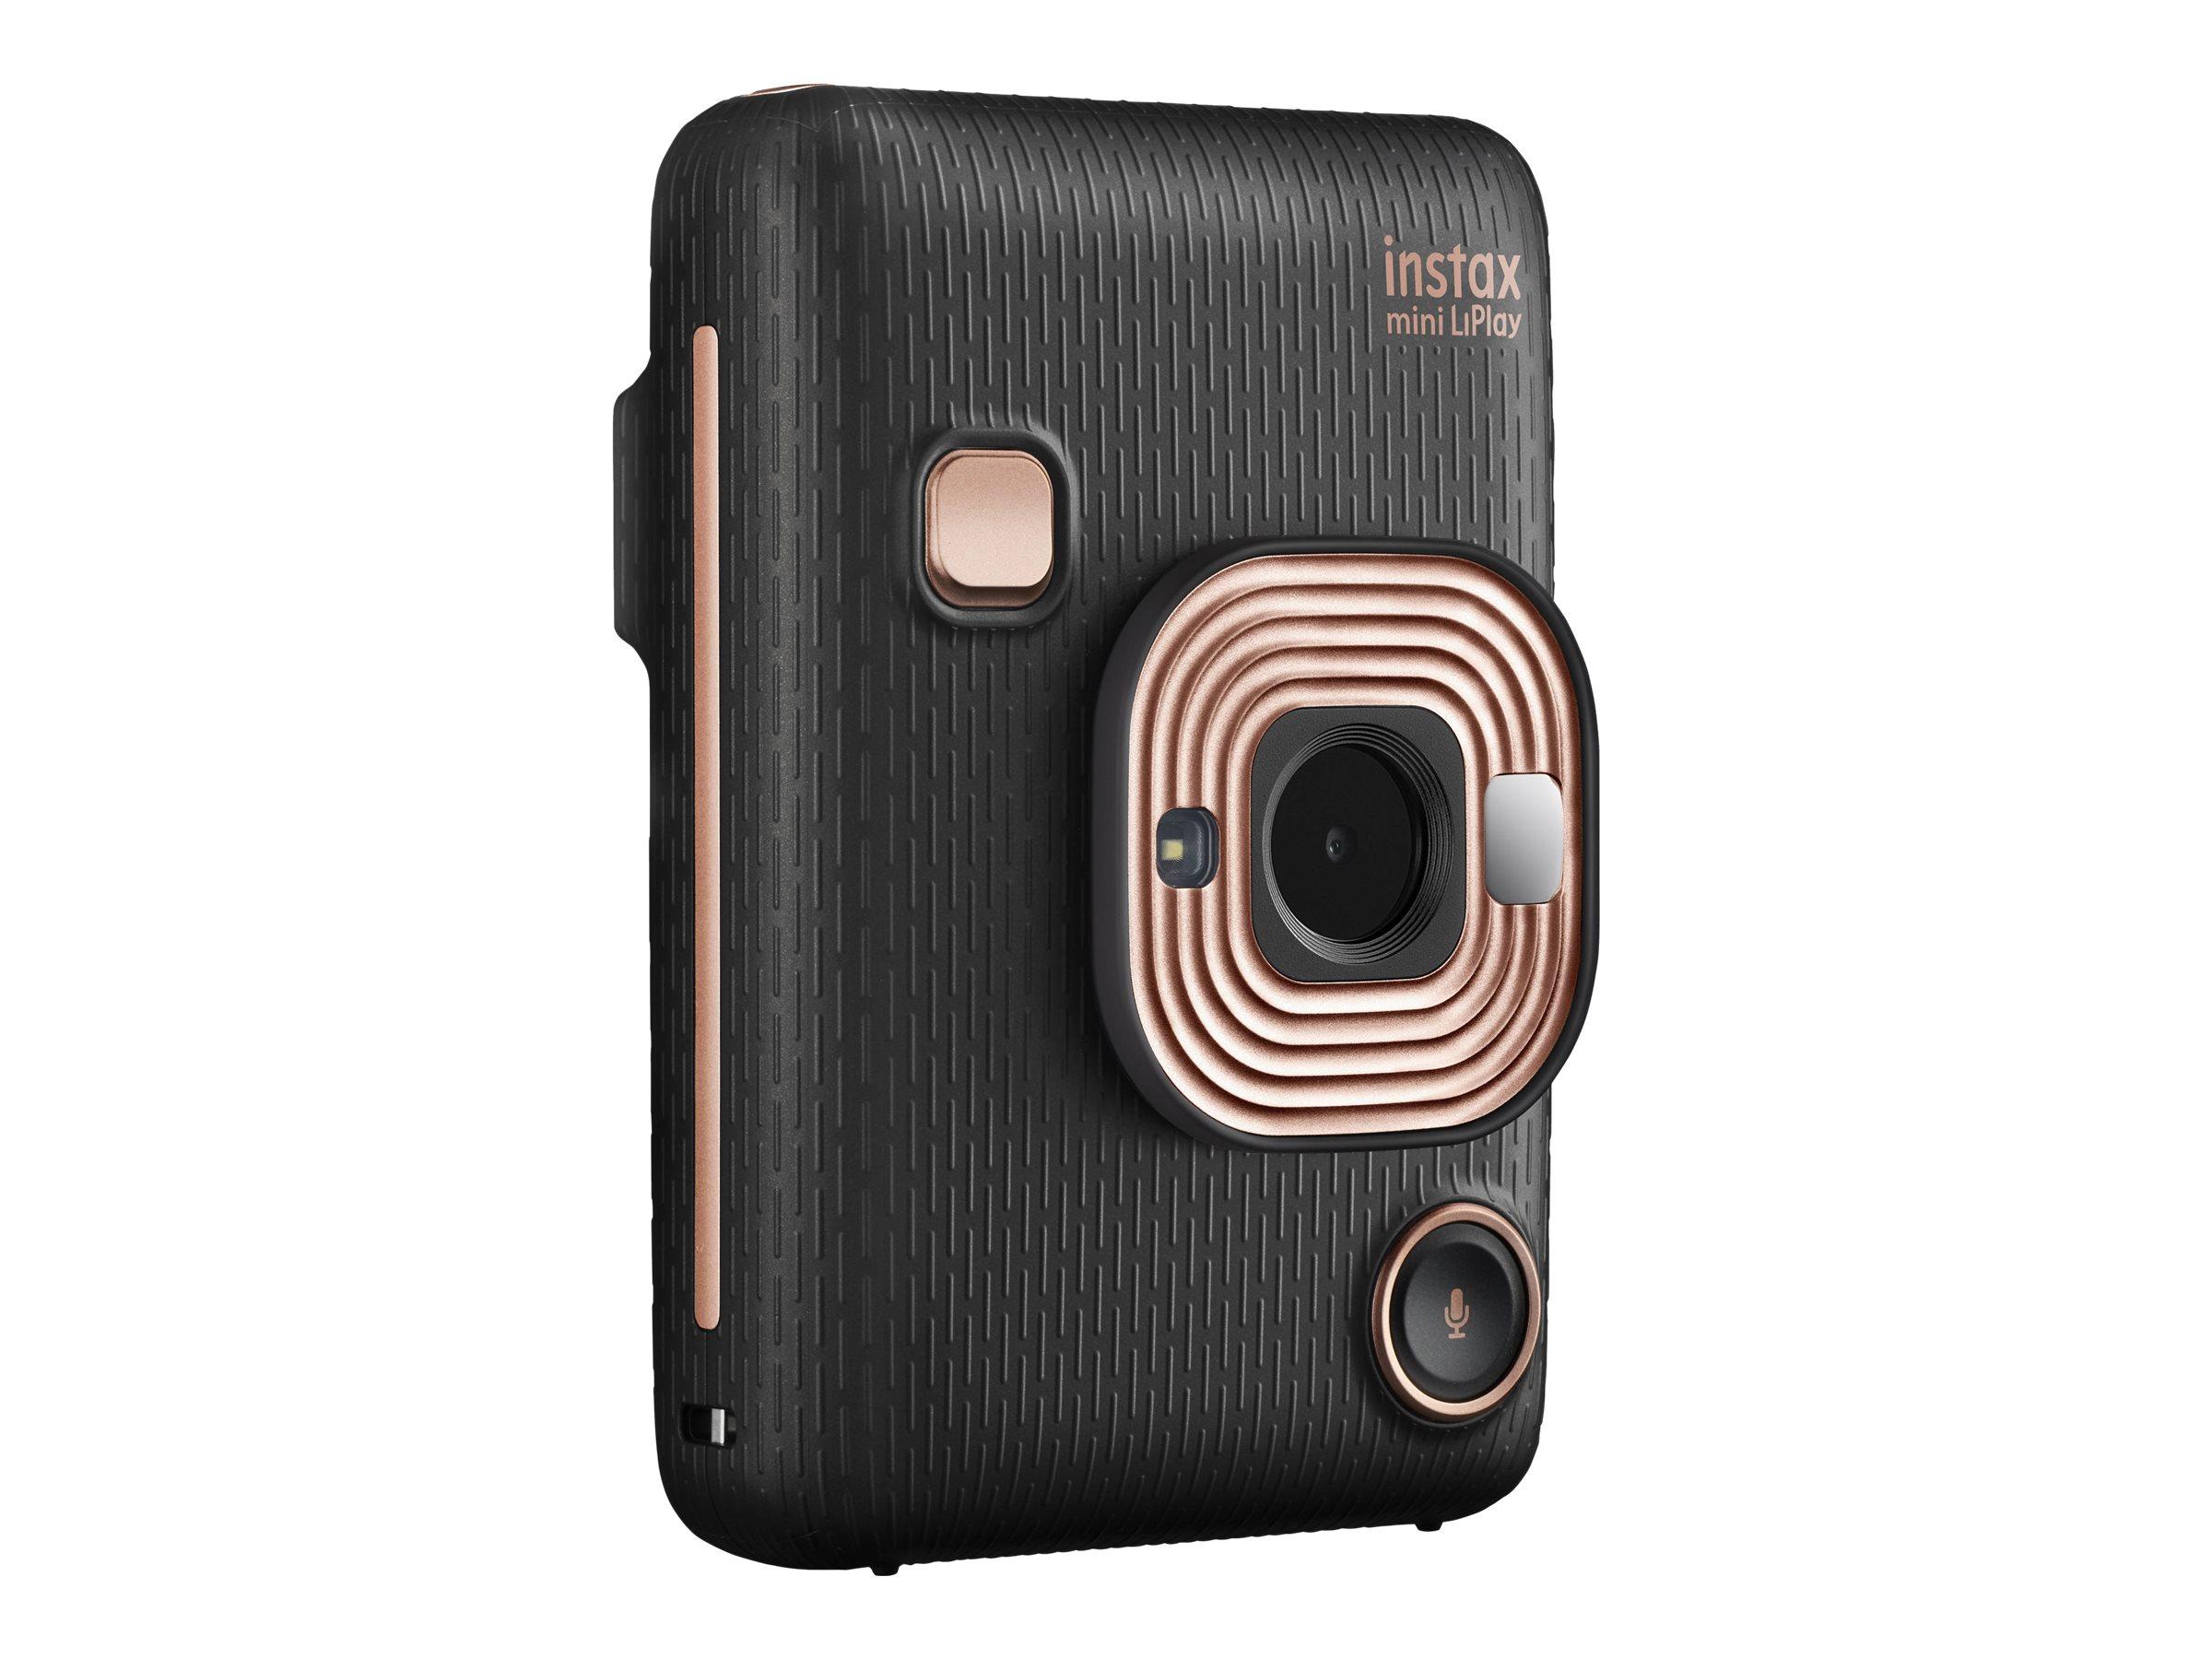 Fujifilm Instax Mini LiPlay - Digitalkamera - Kompaktkamera mit PhotoPrinter - Elegant Black